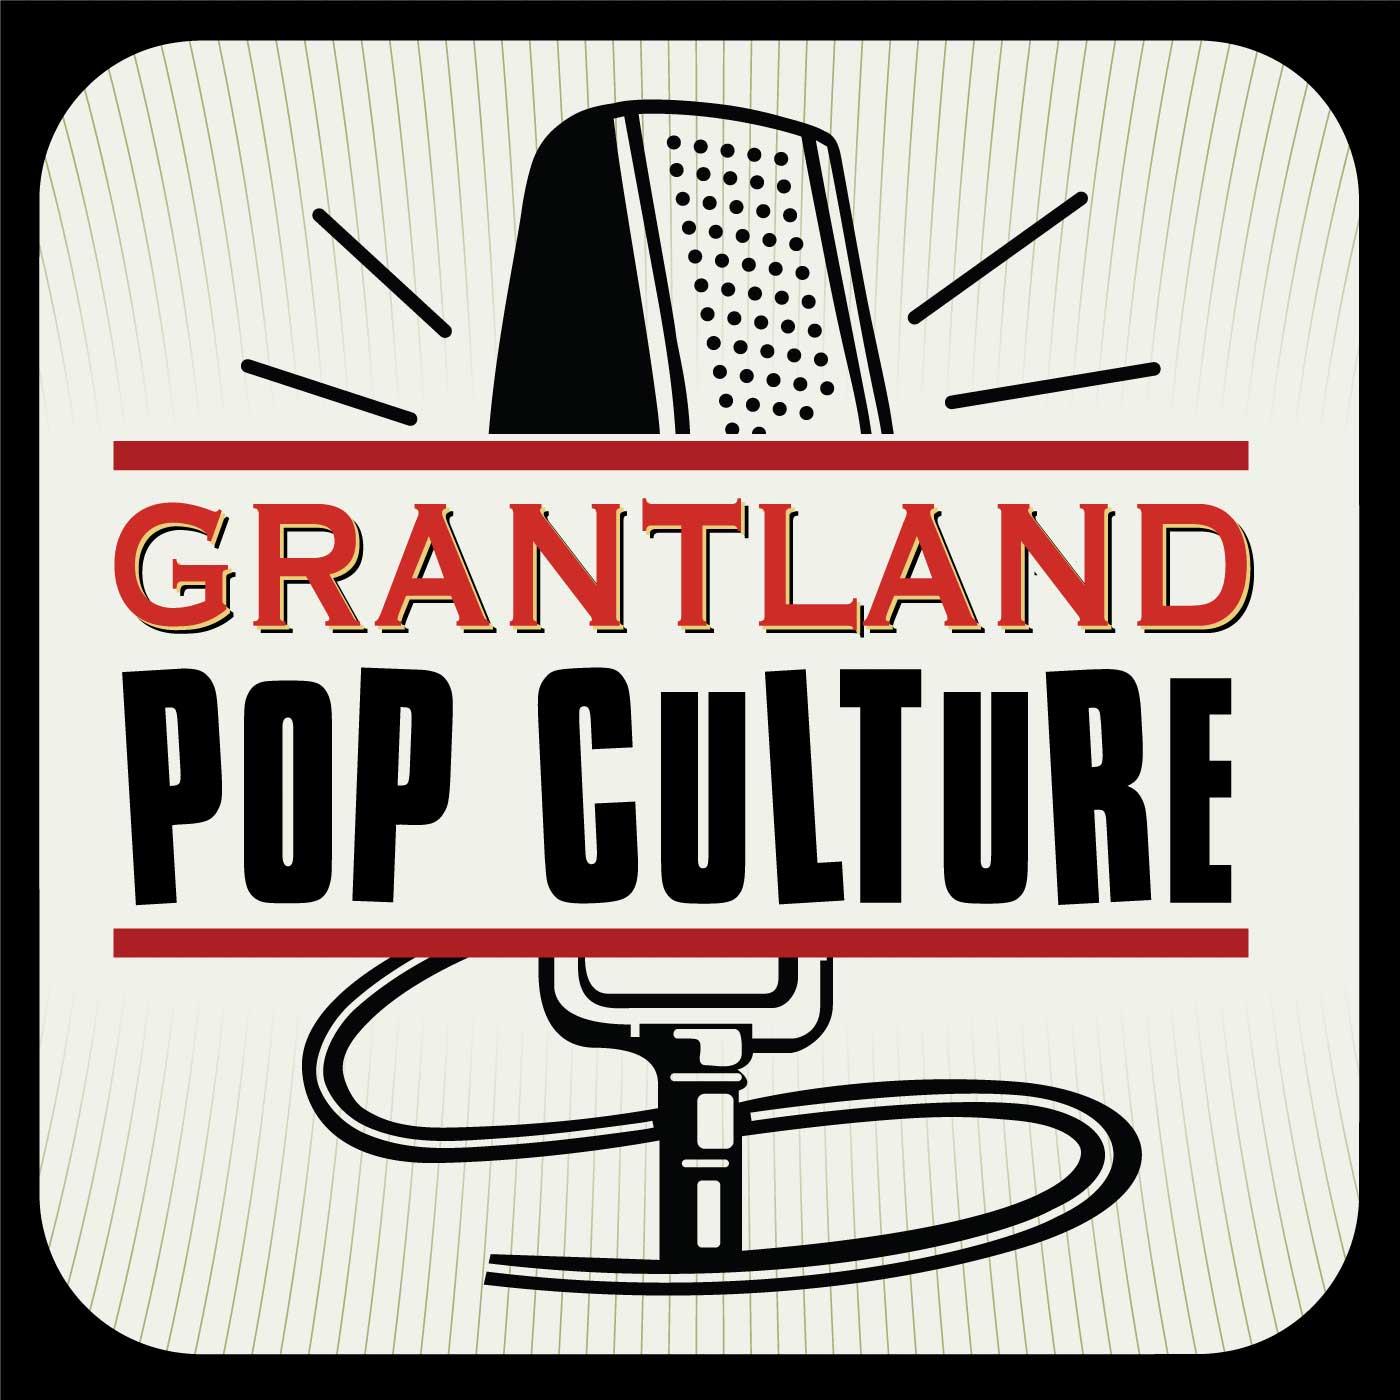 Grantland Pop Culture